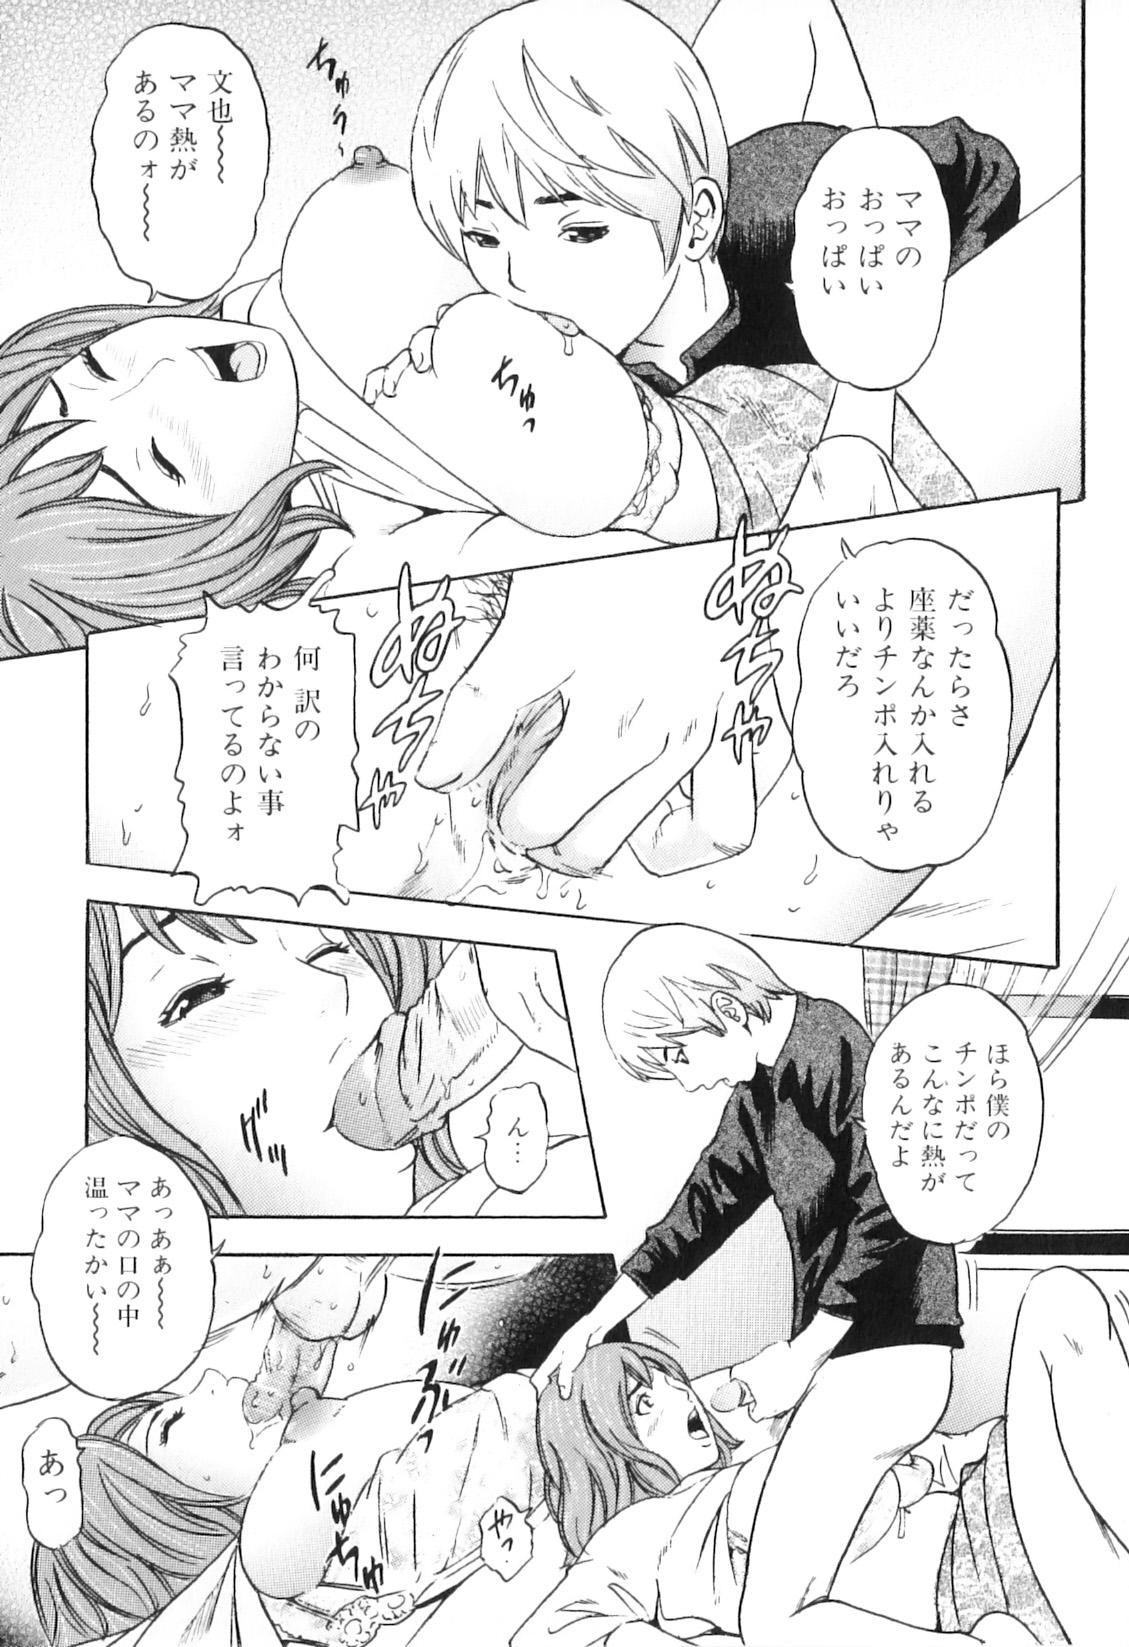 Yokujou Boshi - Desire Mother and Child 121